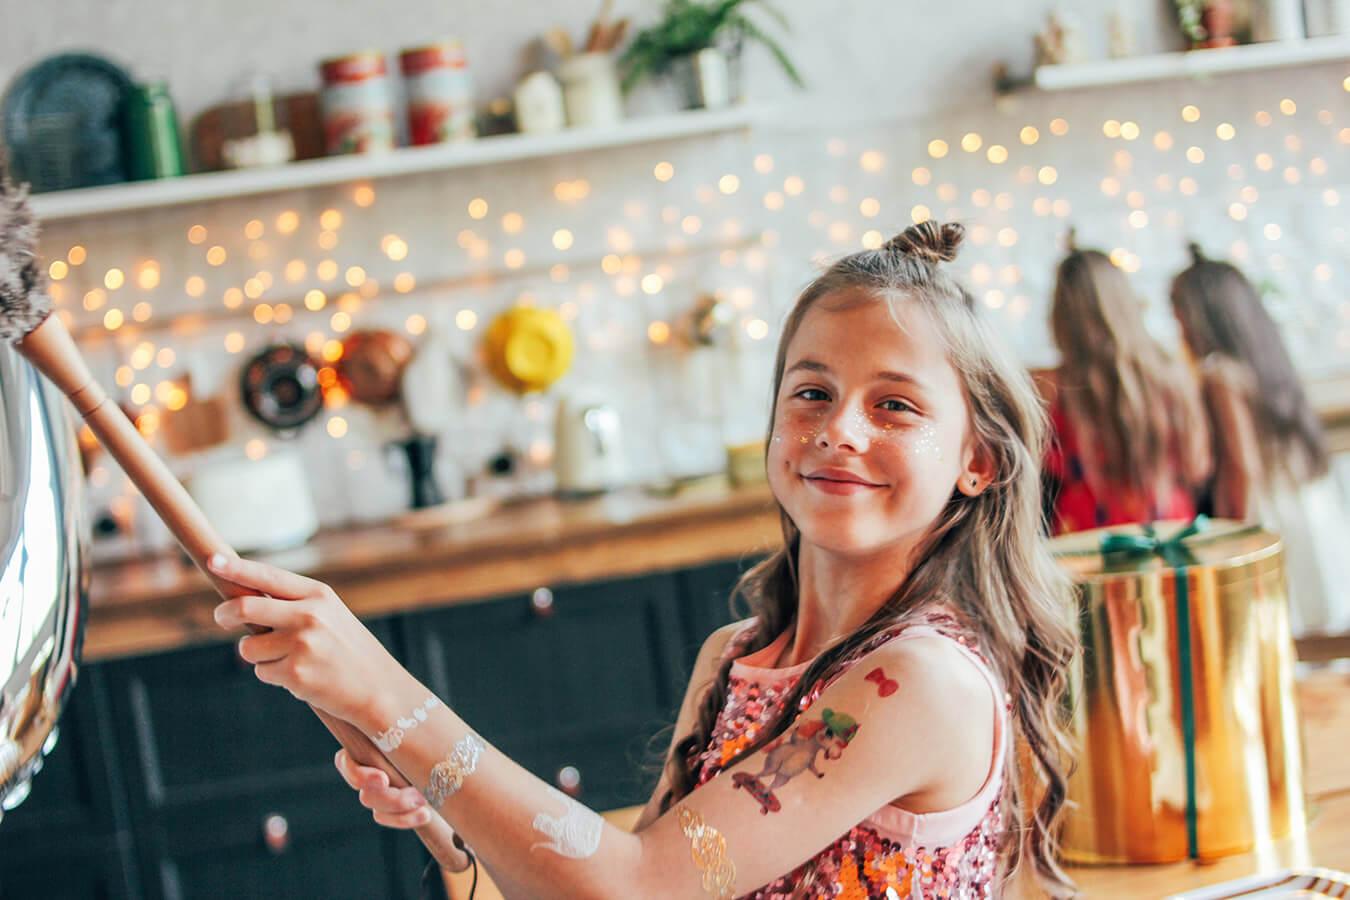 Zabawy na urodziny dla dzieci. Jak zaplanować przyjęcie 10-latkom?